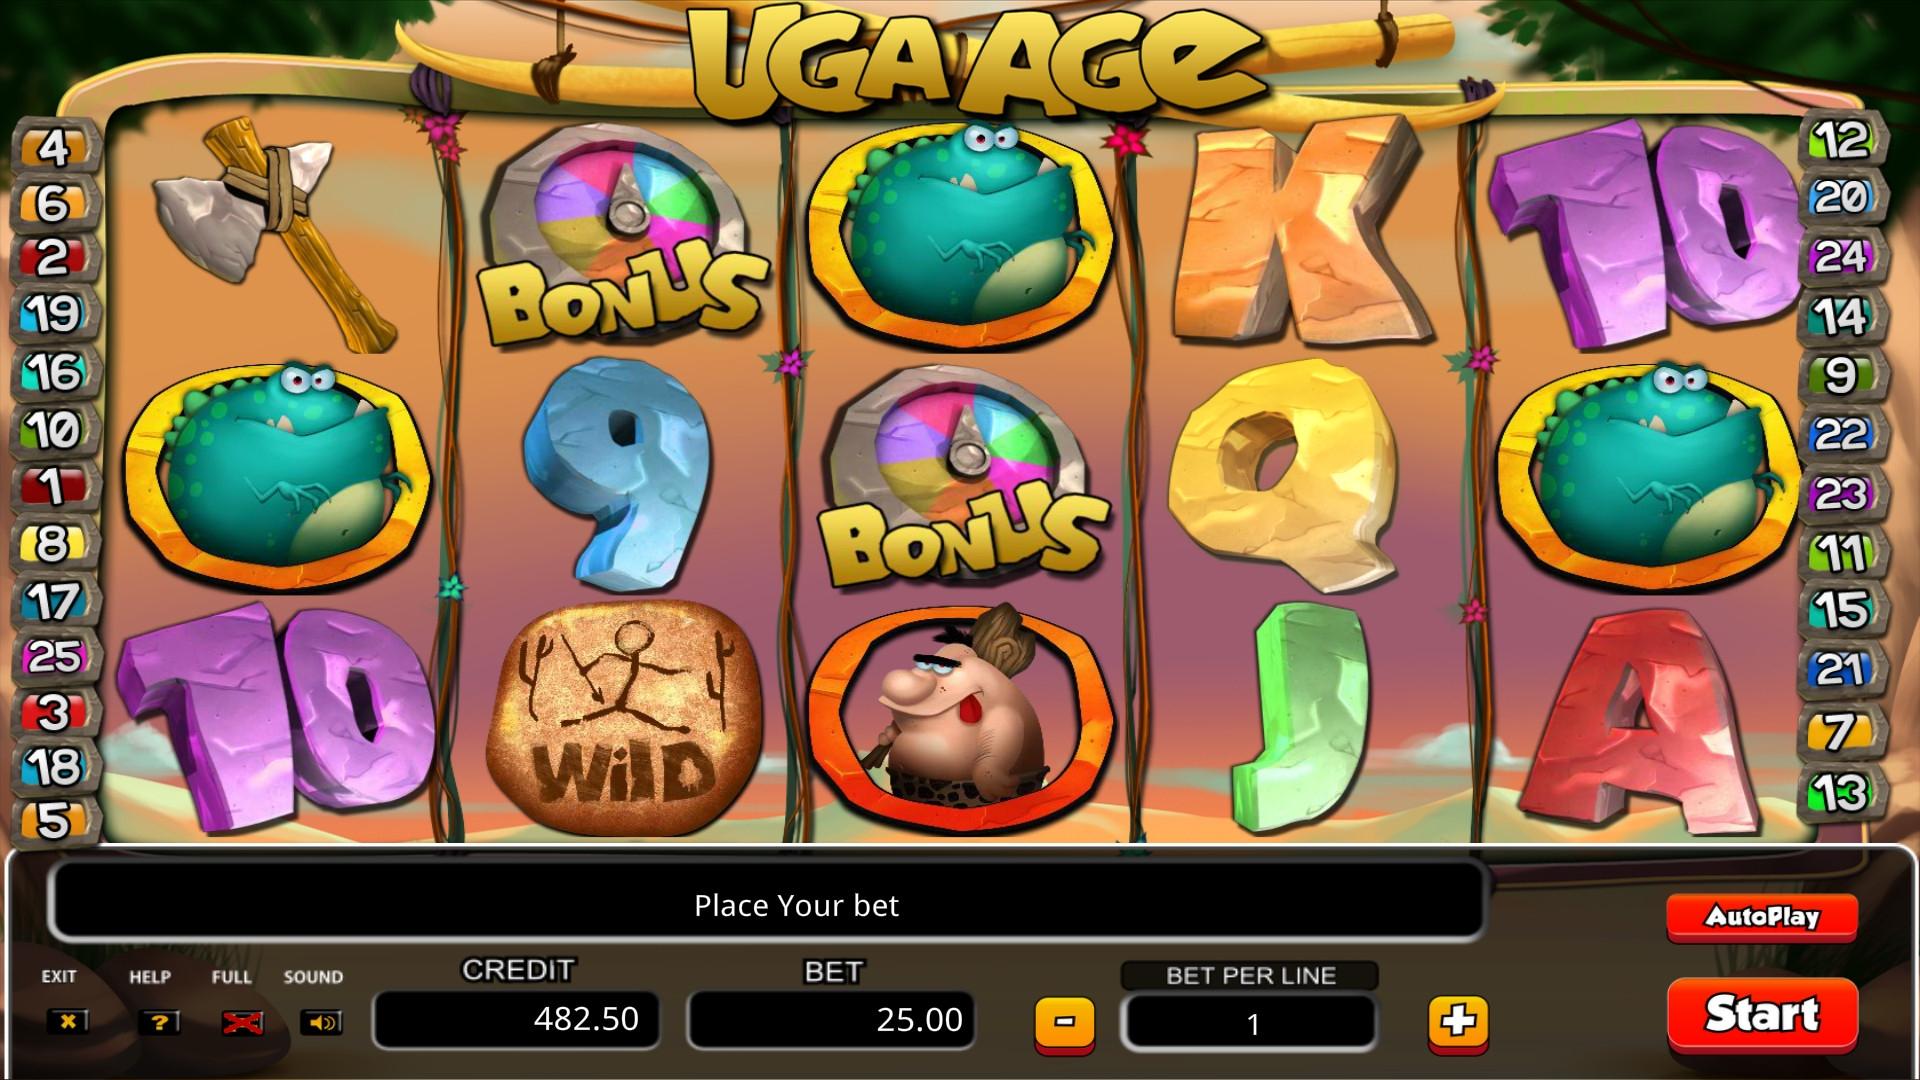 Казино игровые автоматы age 18 играть в игровые аппараты бесплатно без регистрации и sms